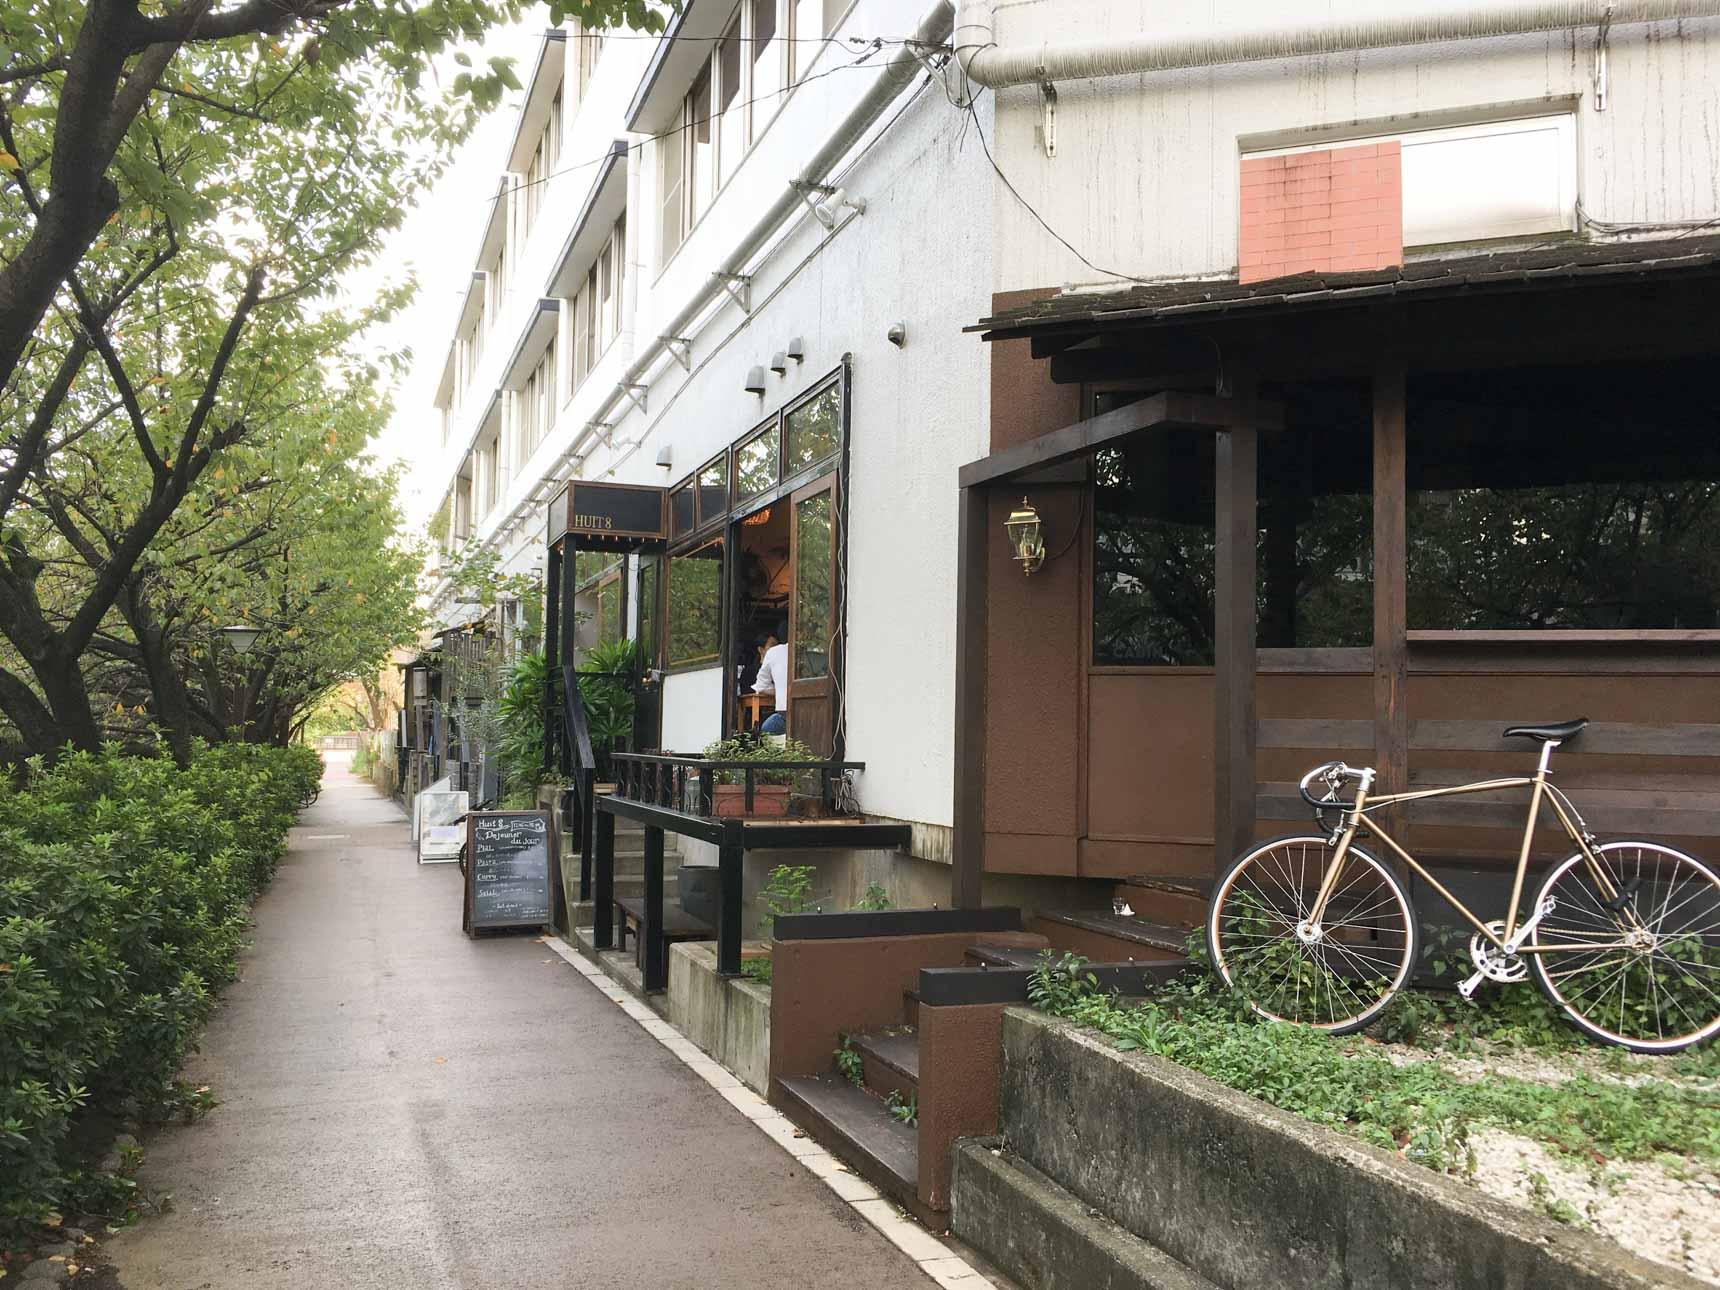 目黒川沿いの遊歩道を歩いていくと現れる、雰囲気たっぷりのカフェ